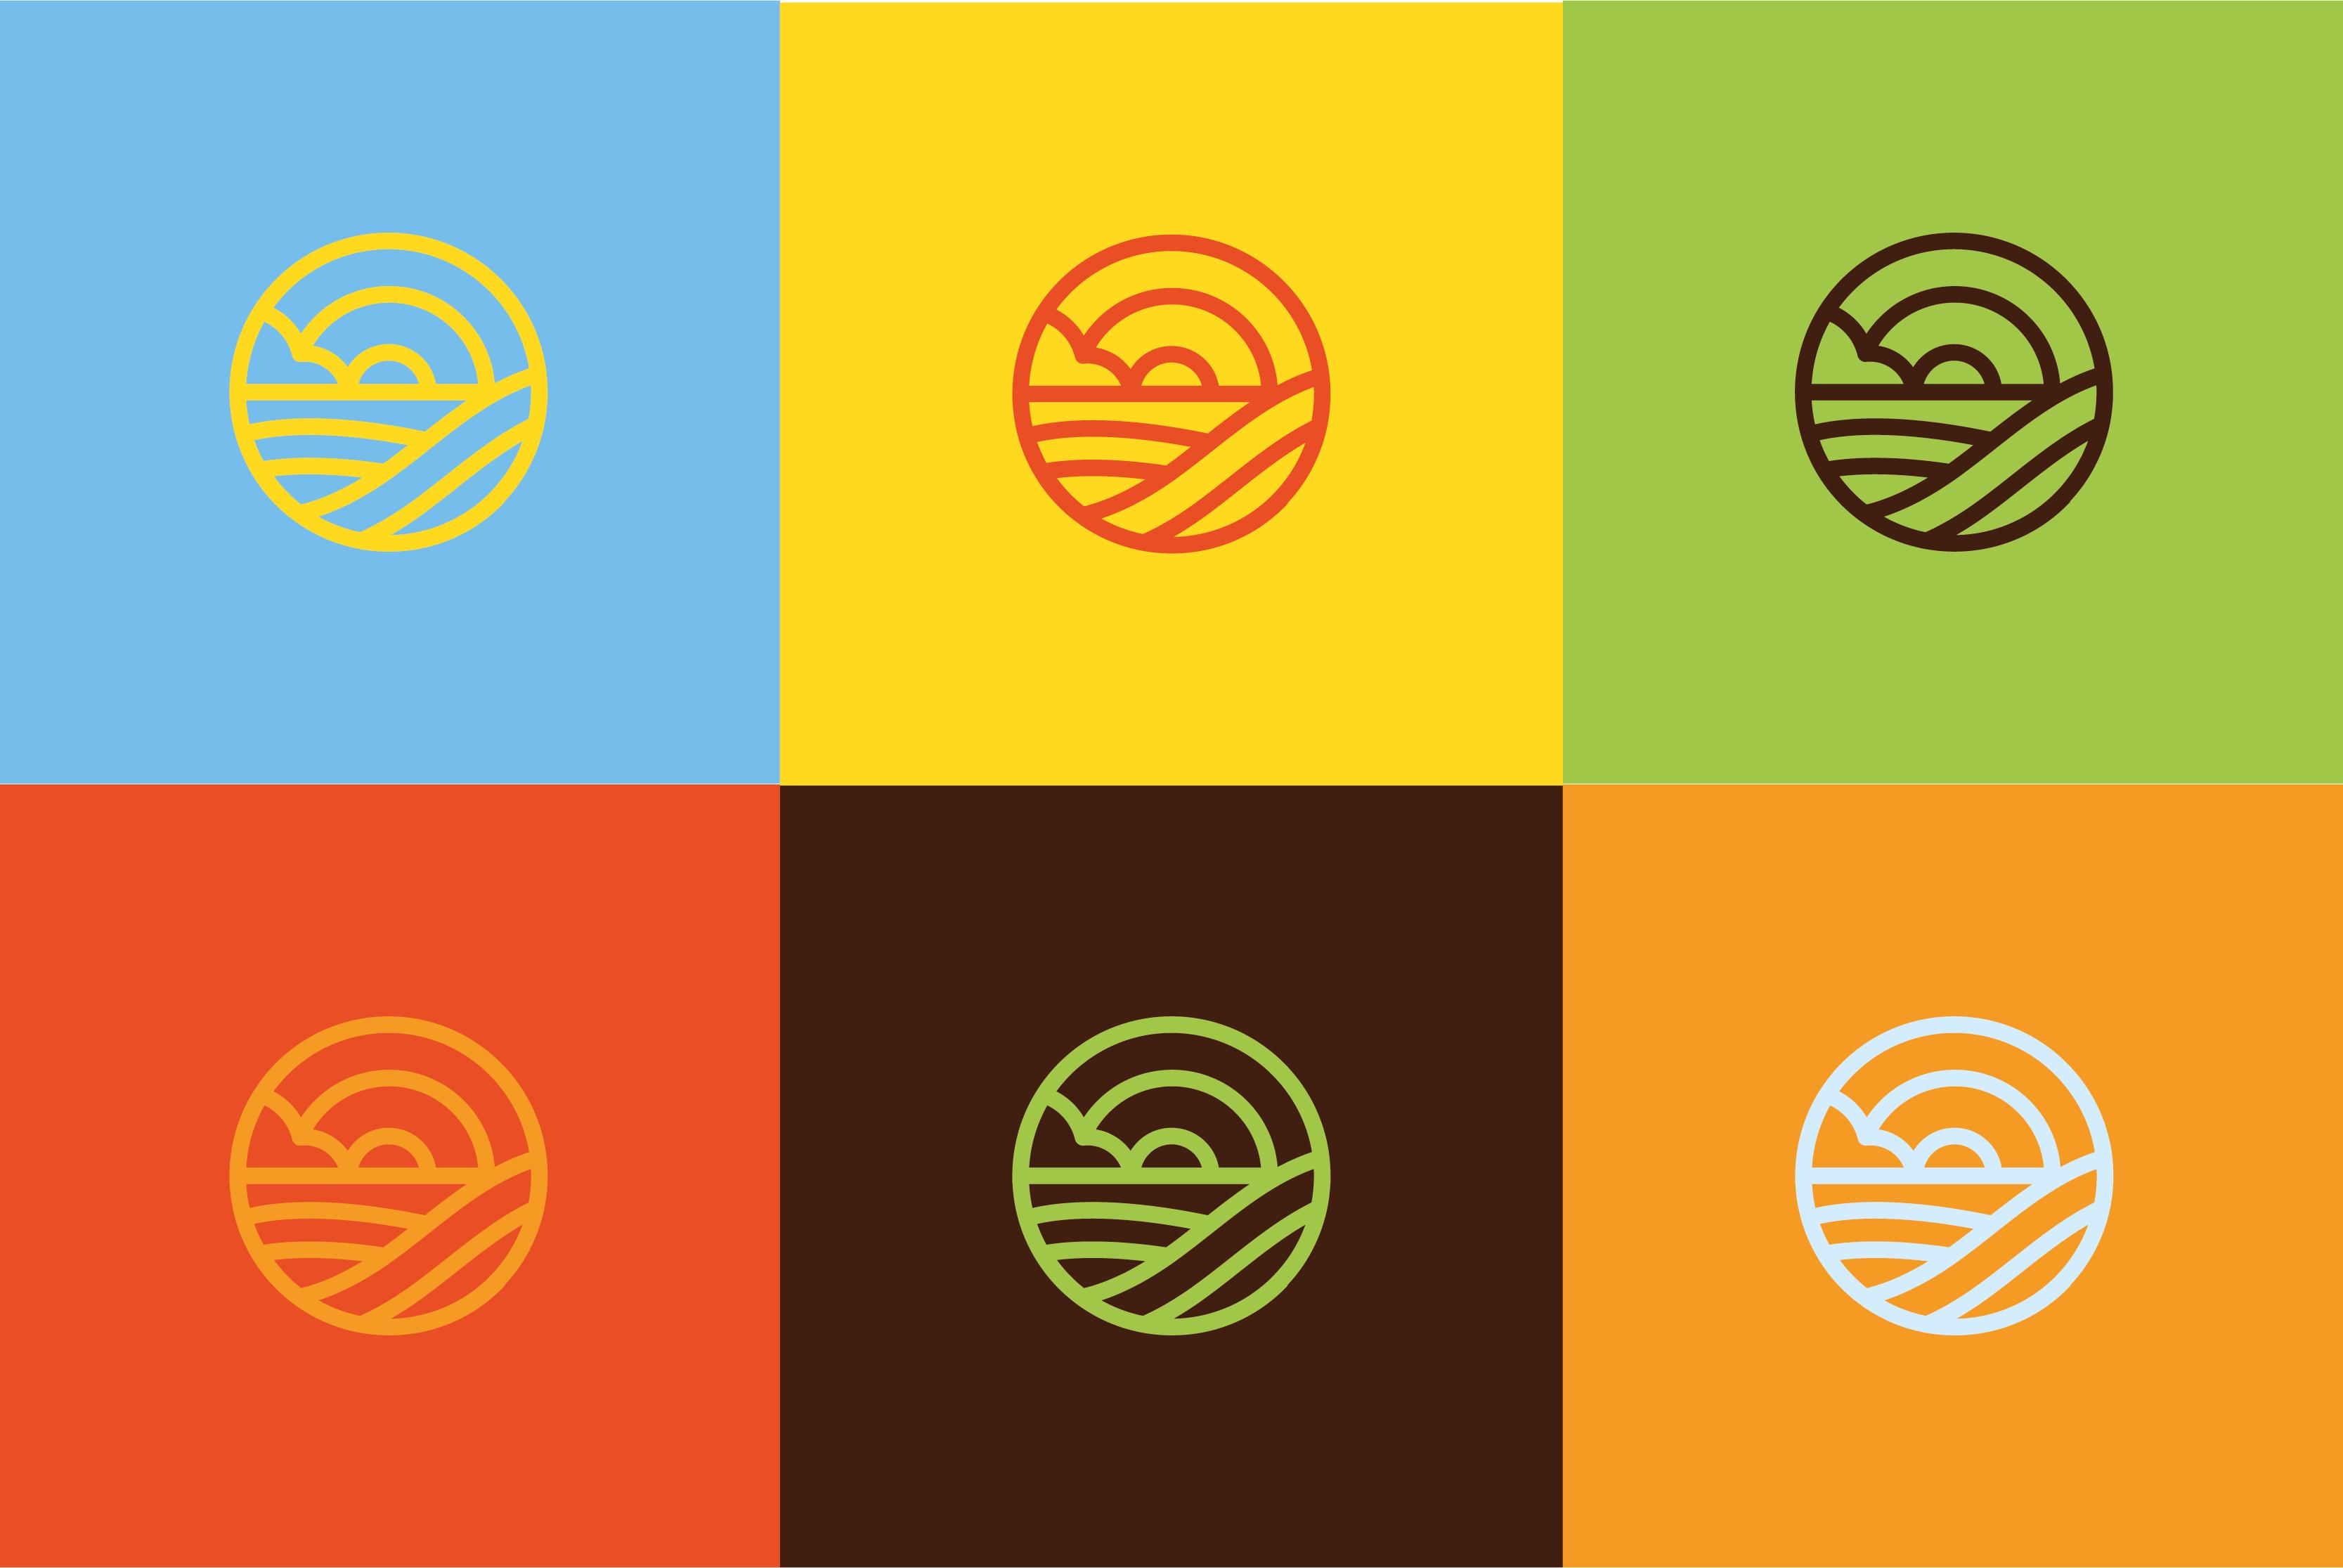 L´Hort d'Aigua-Oliva,, Usos de las versiones cromáticas corporativas del logo símbolo